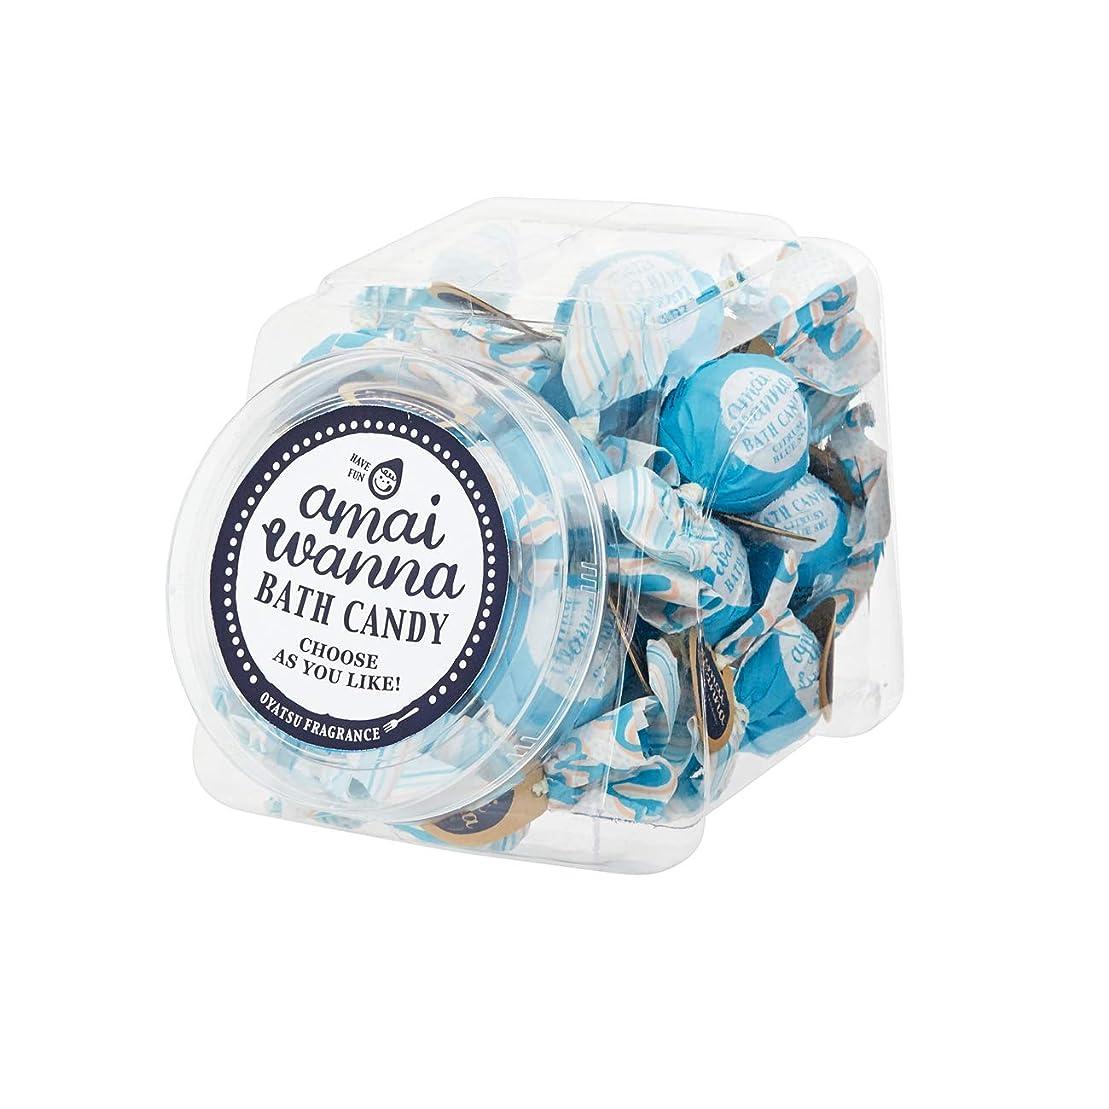 汚染された野生リアルアマイワナSP バスキャンディーポットセット24粒入り(青空シトラス バスギフト キャンディーの形の入浴料 大人可愛い)